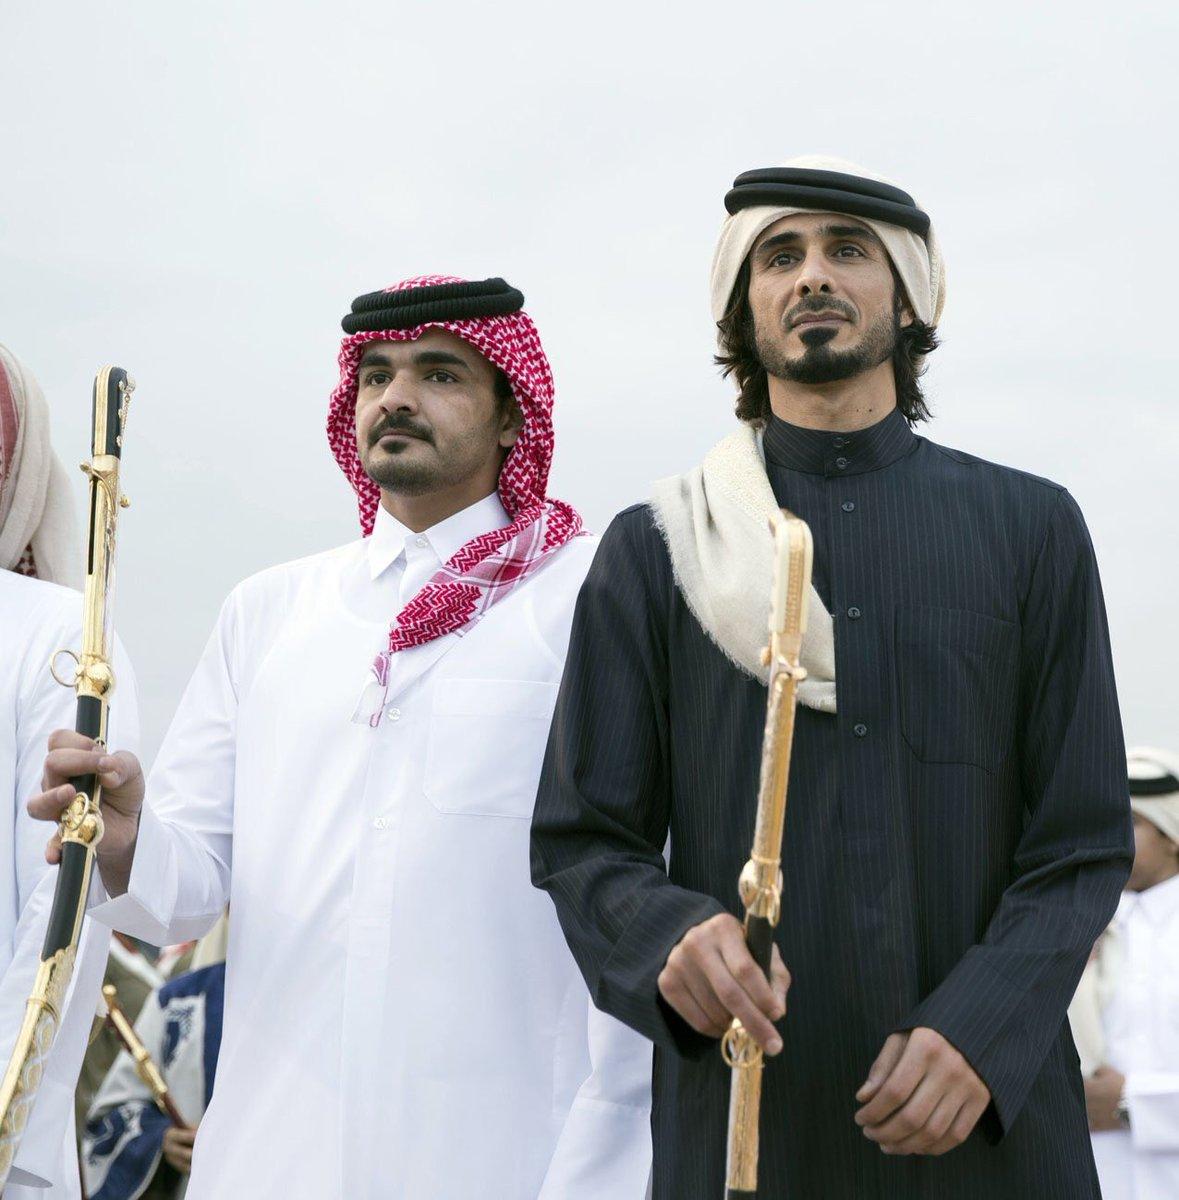 شبكة مرسال قطر Pa Twitter شارك سمو الشيخ جاسم بن حمد آل ثاني